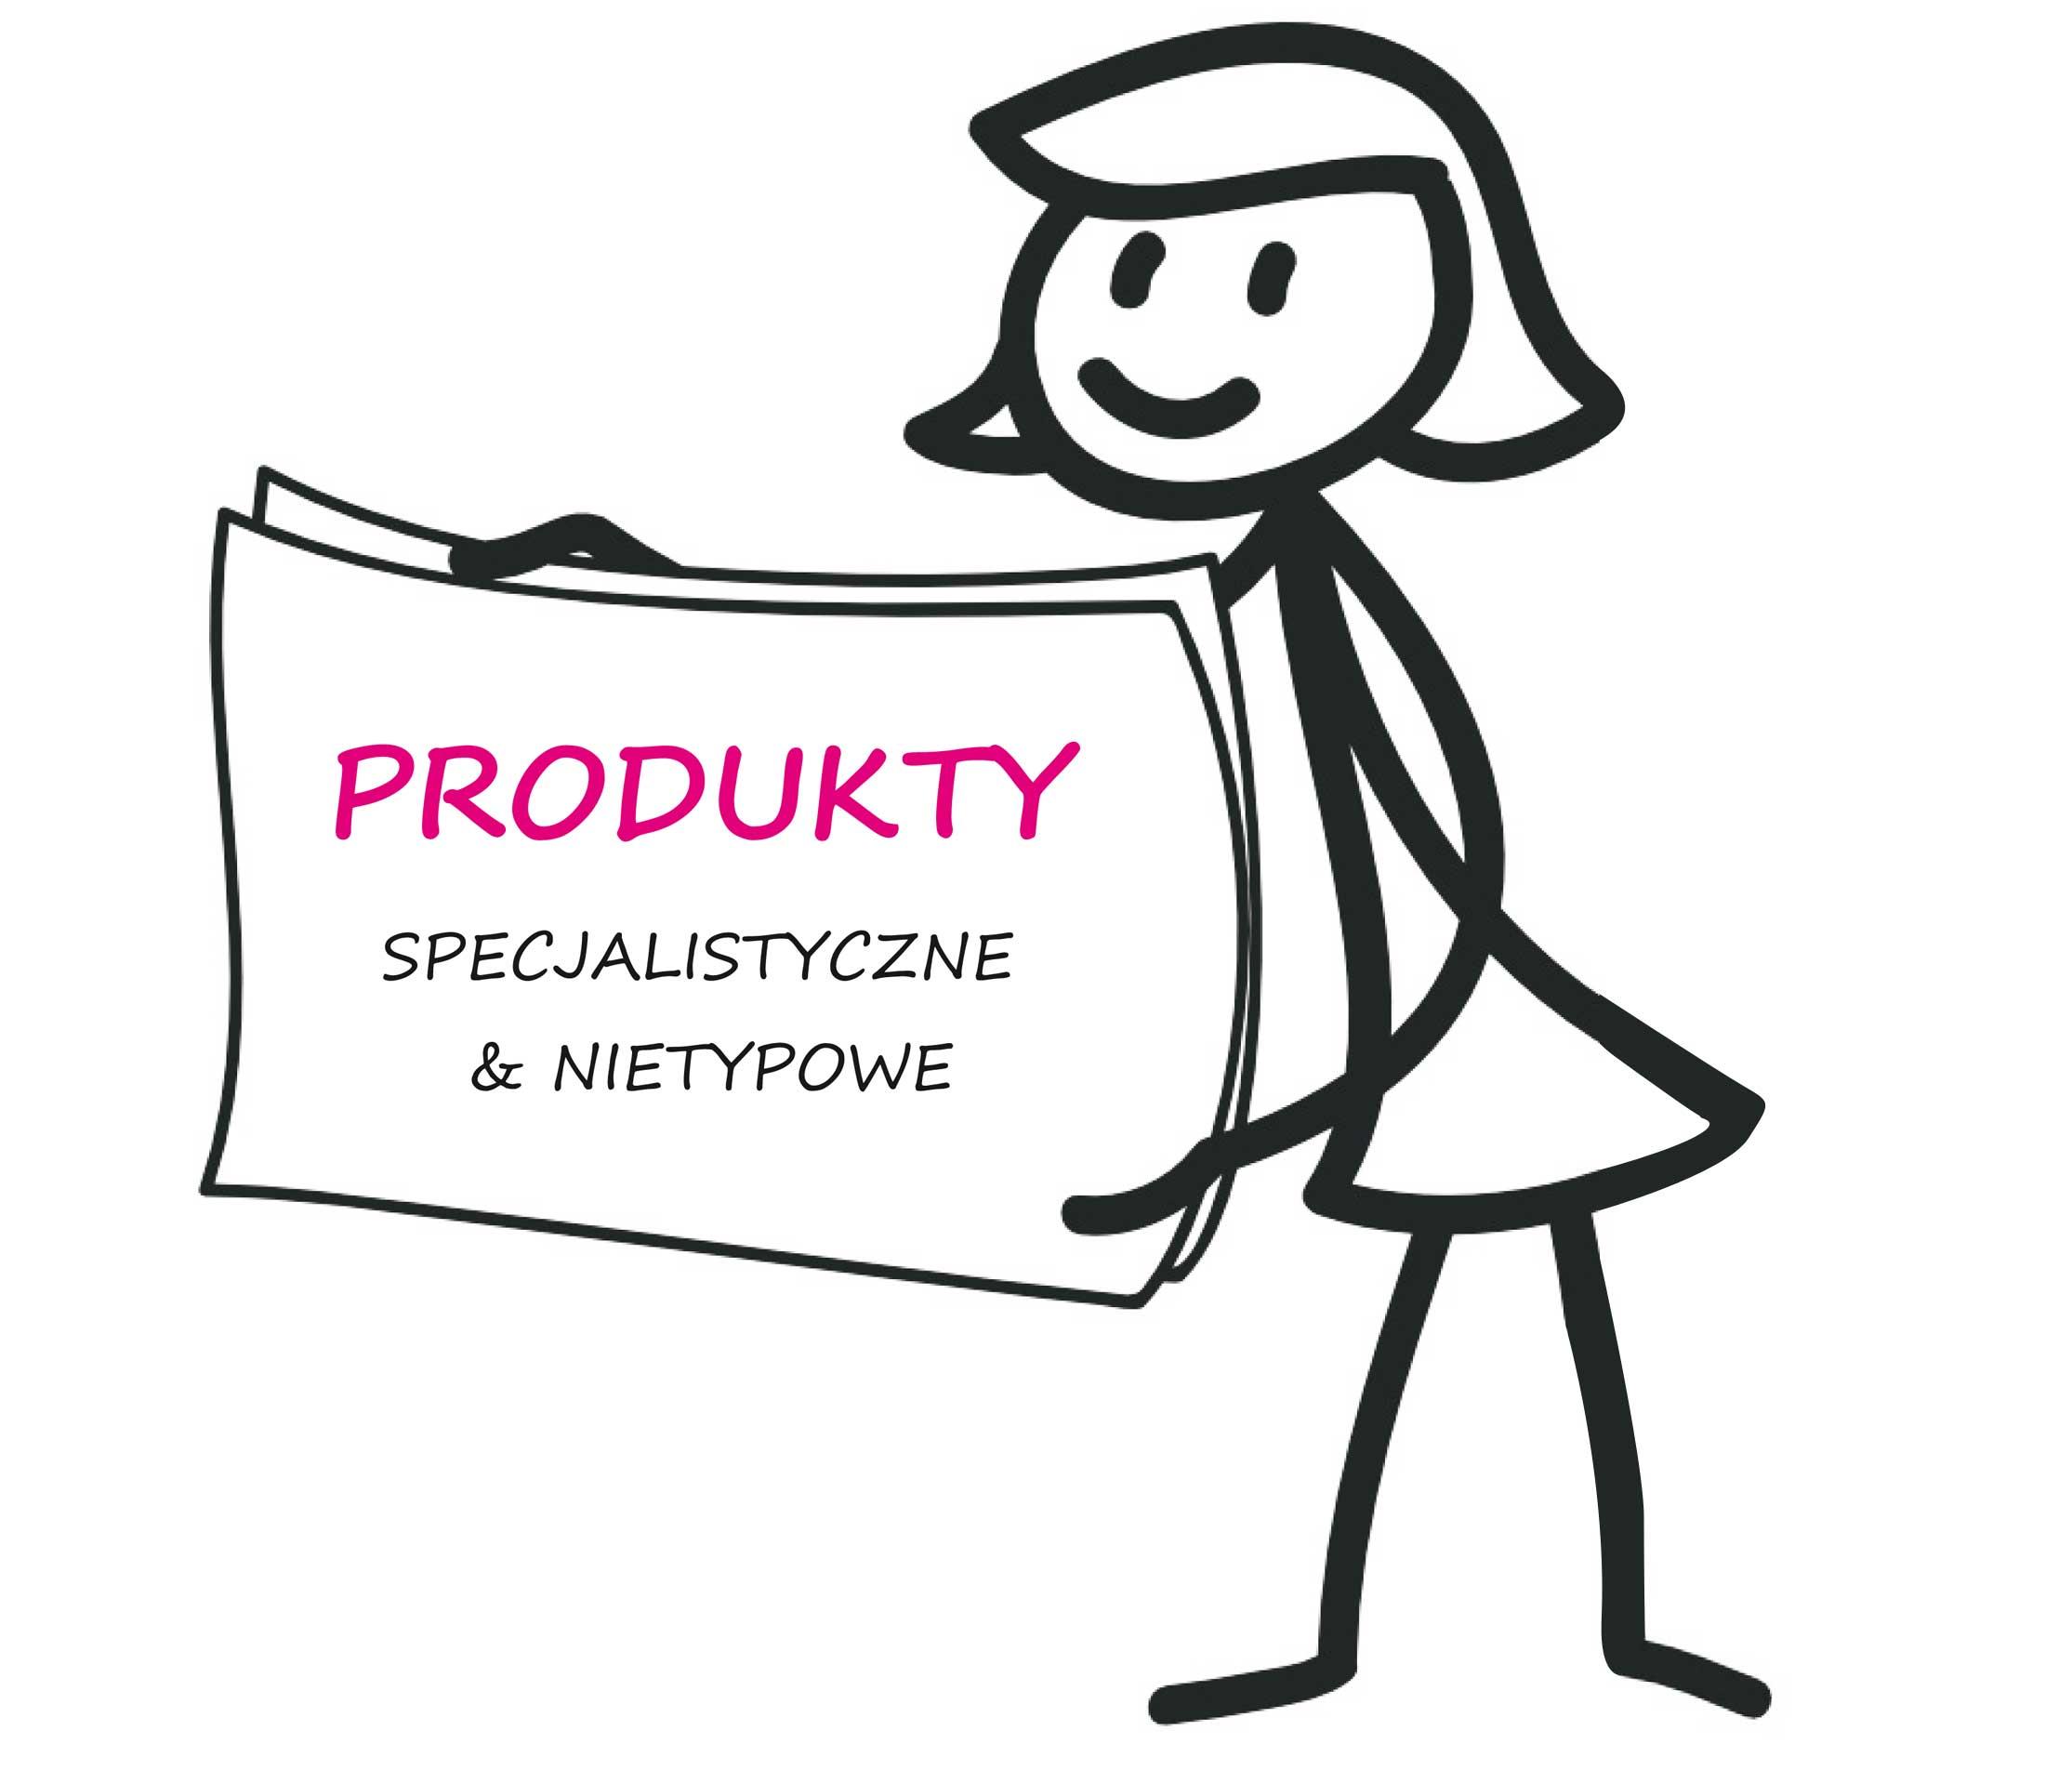 Produkty specjalistyczne i nietypowe